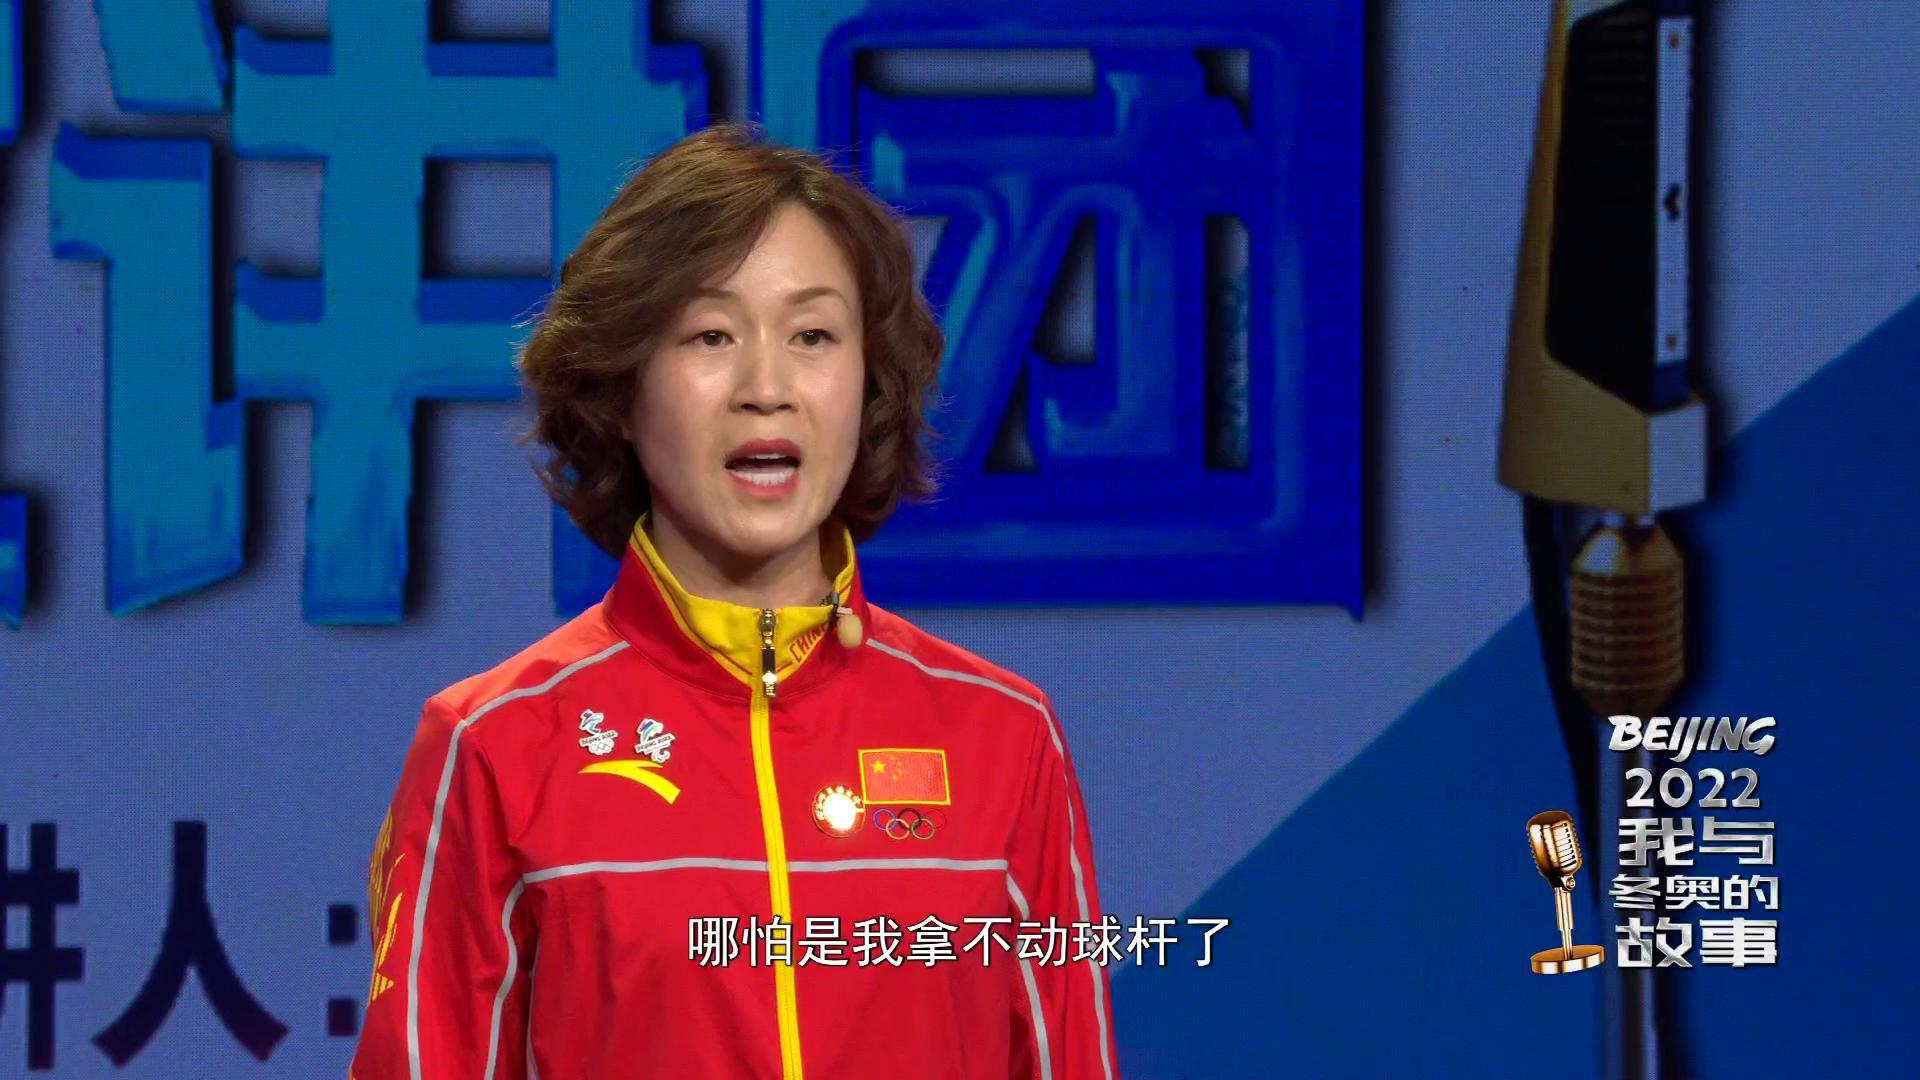 张晶:冰球梦的六秒钟